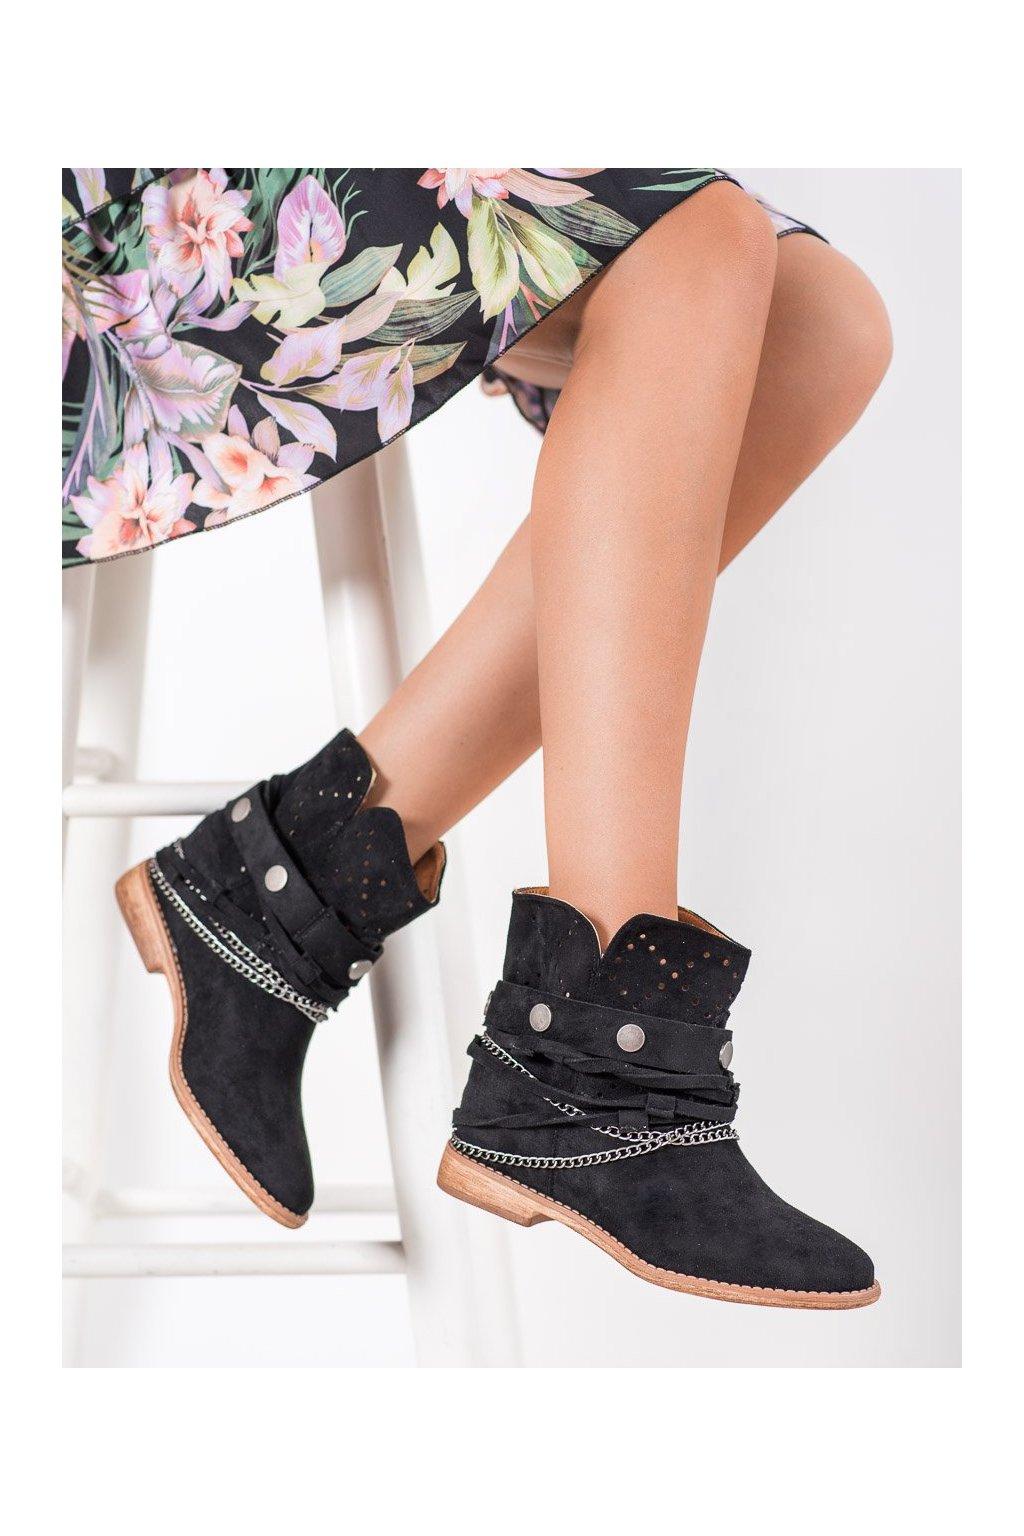 Čierne dámske topánky Bella paris kod A3731B